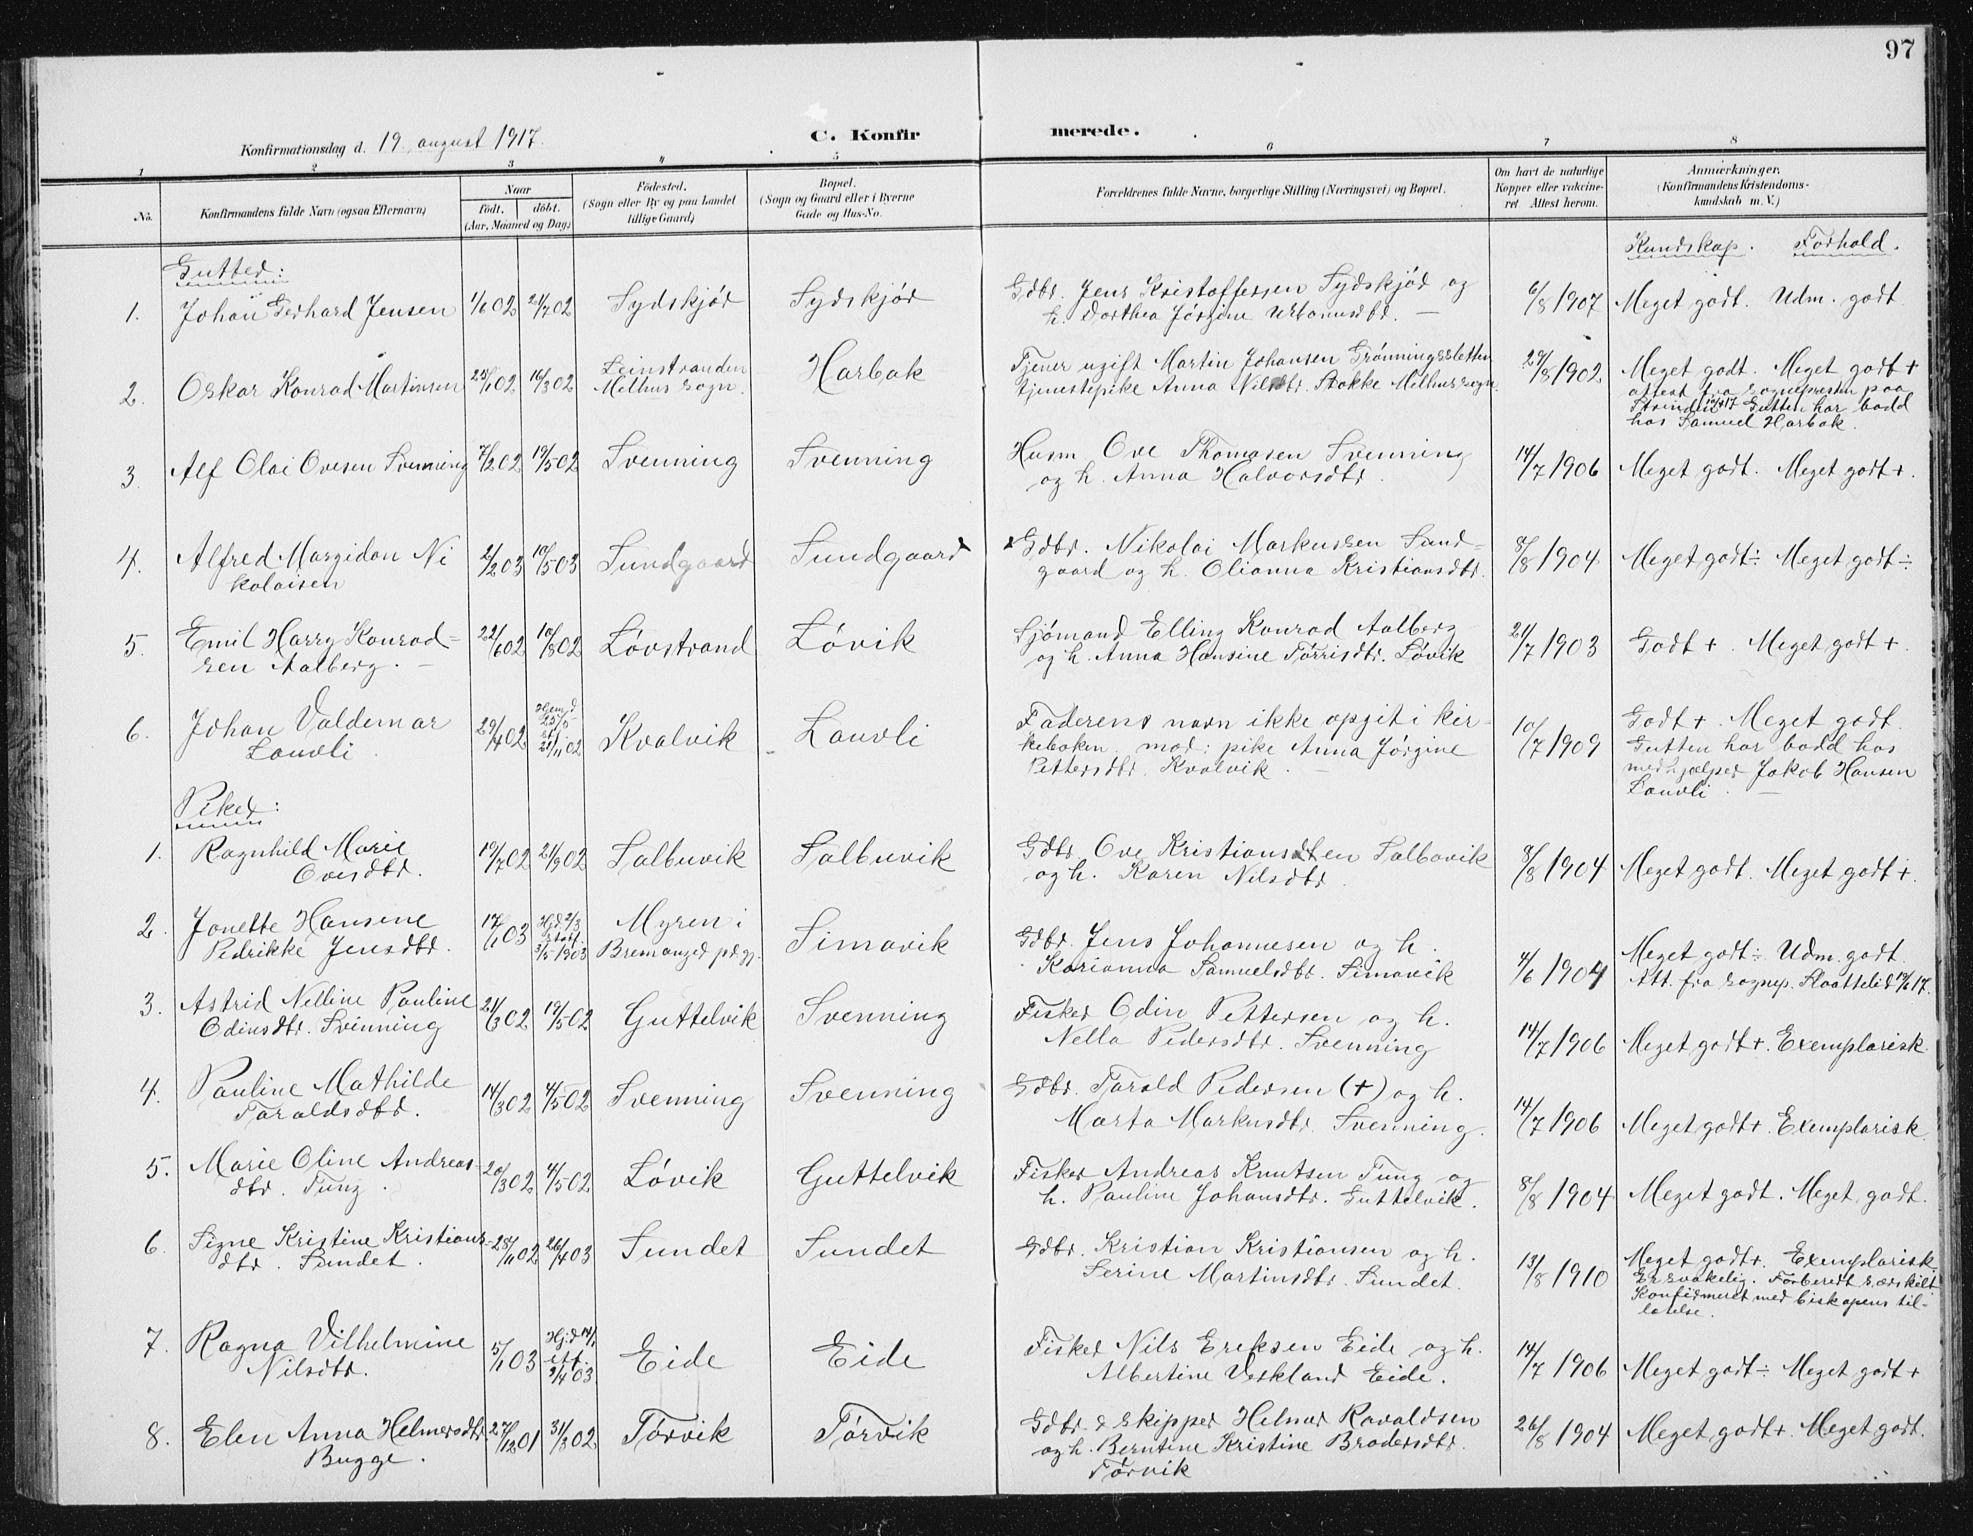 SAT, Ministerialprotokoller, klokkerbøker og fødselsregistre - Sør-Trøndelag, 656/L0699: Klokkerbok nr. 656C05, 1905-1920, s. 97